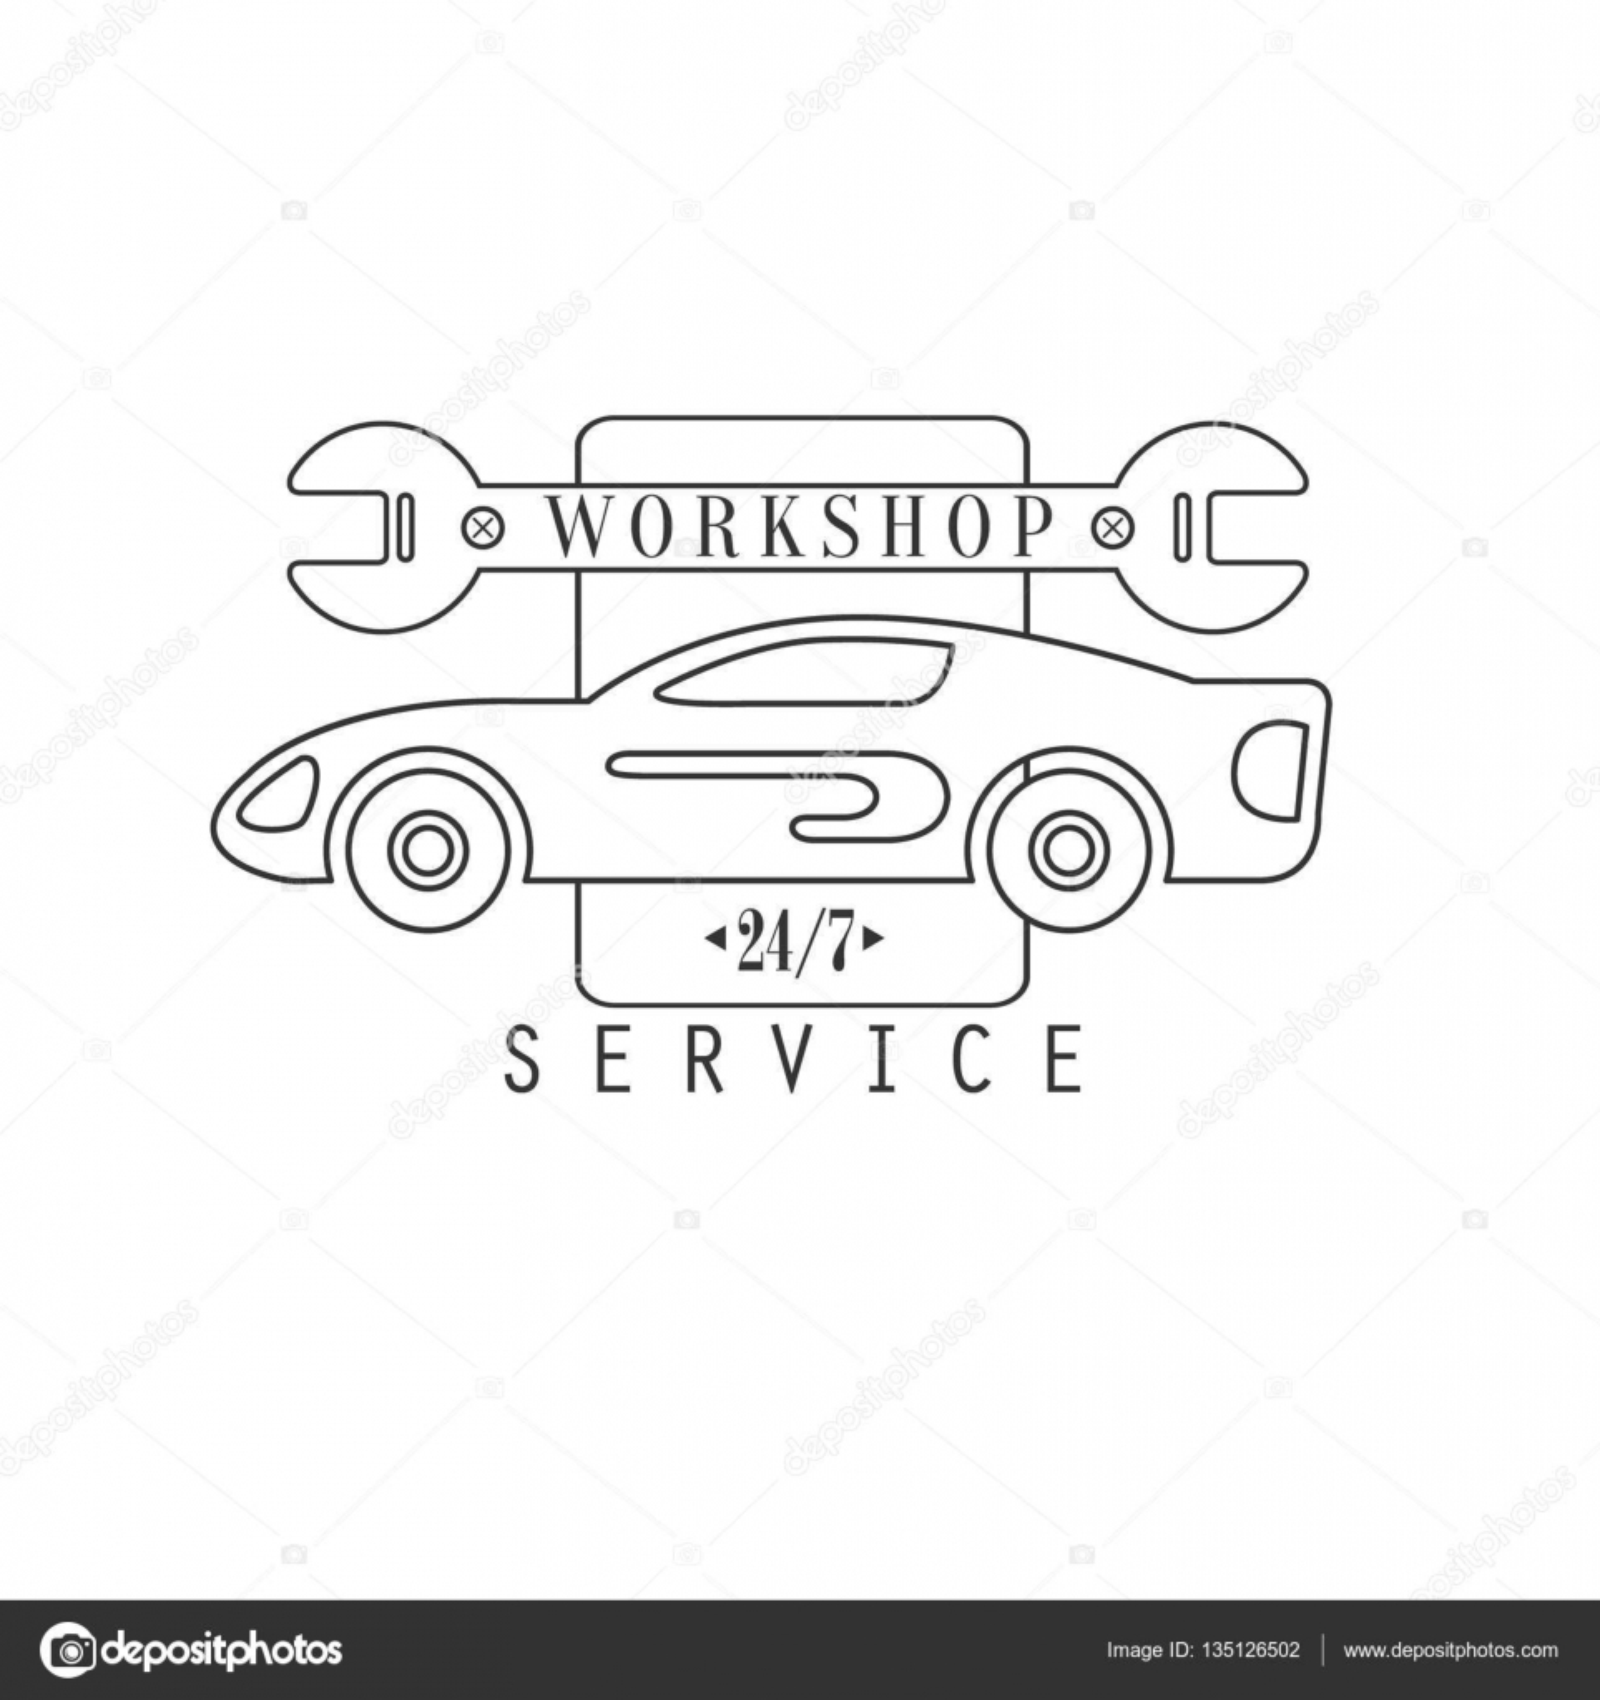 Plantilla de diseño de etiqueta reparación taller blanco y negro ...